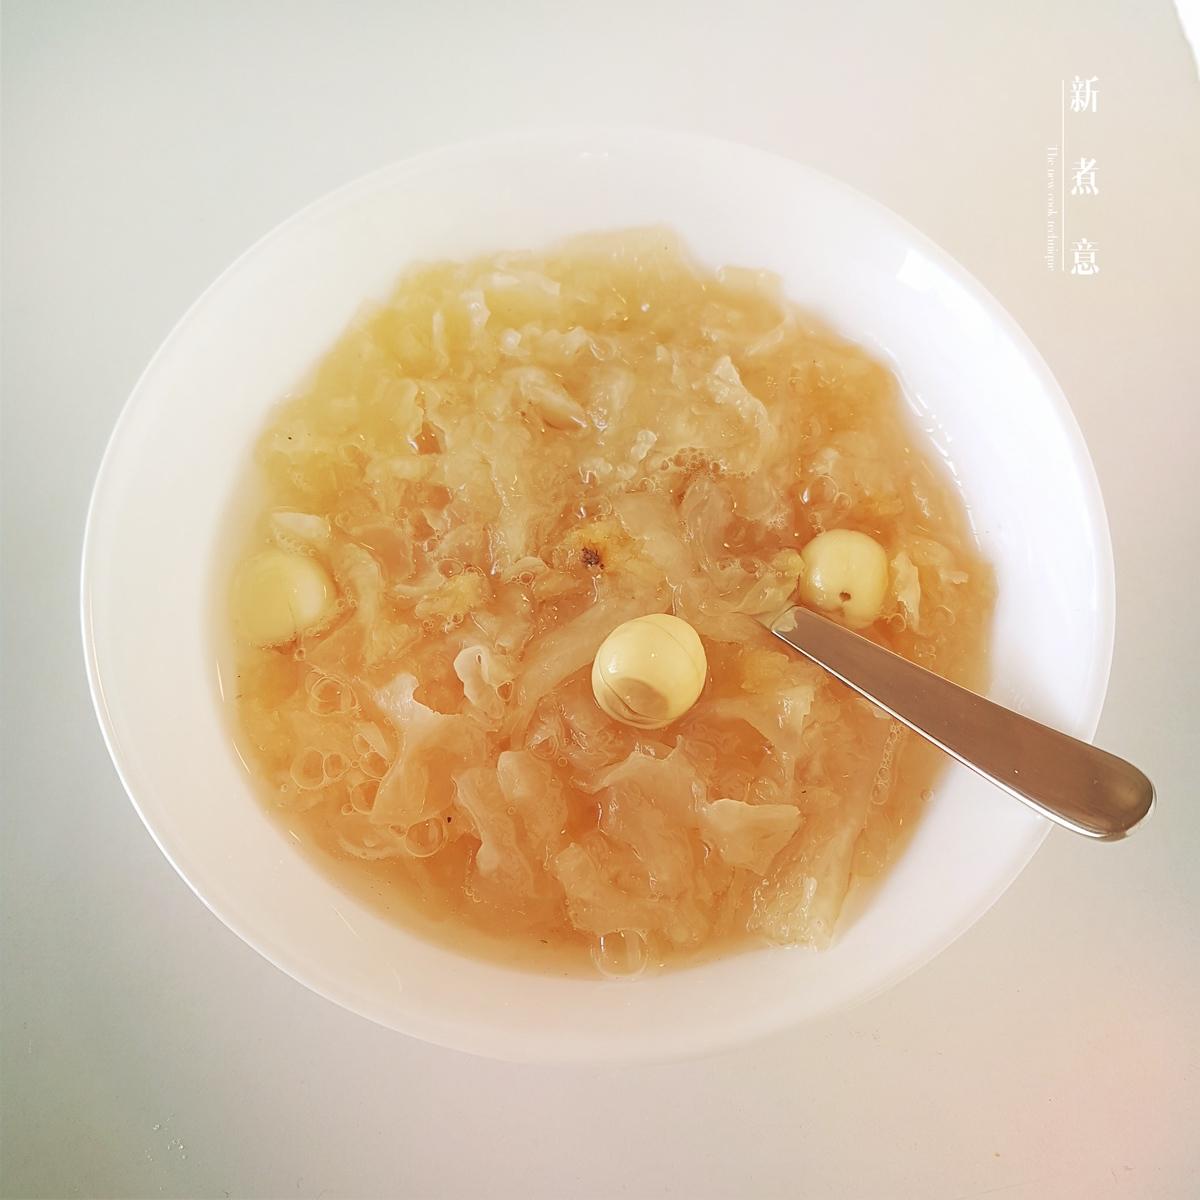 我做的元气早餐 - 一镜收江南 - 清韵